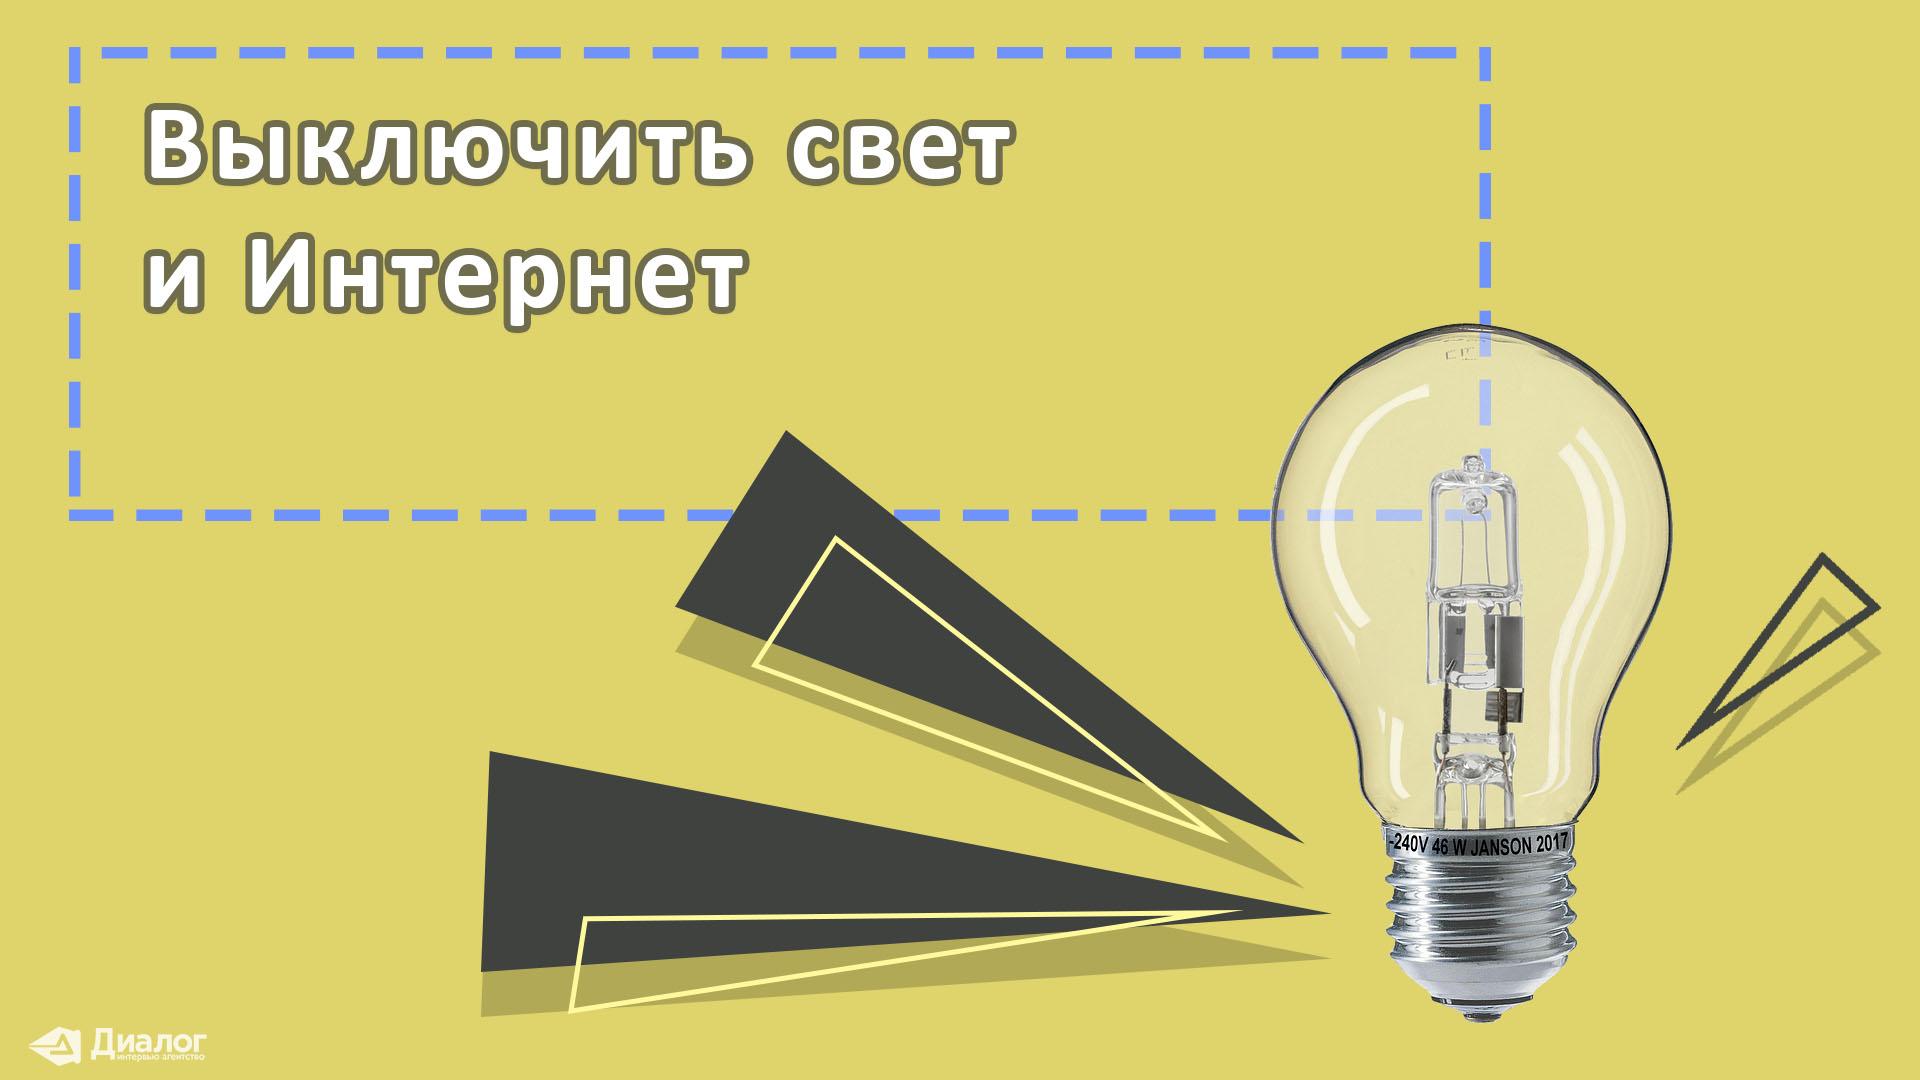 эковечеринка, свет, интернет, лампочка